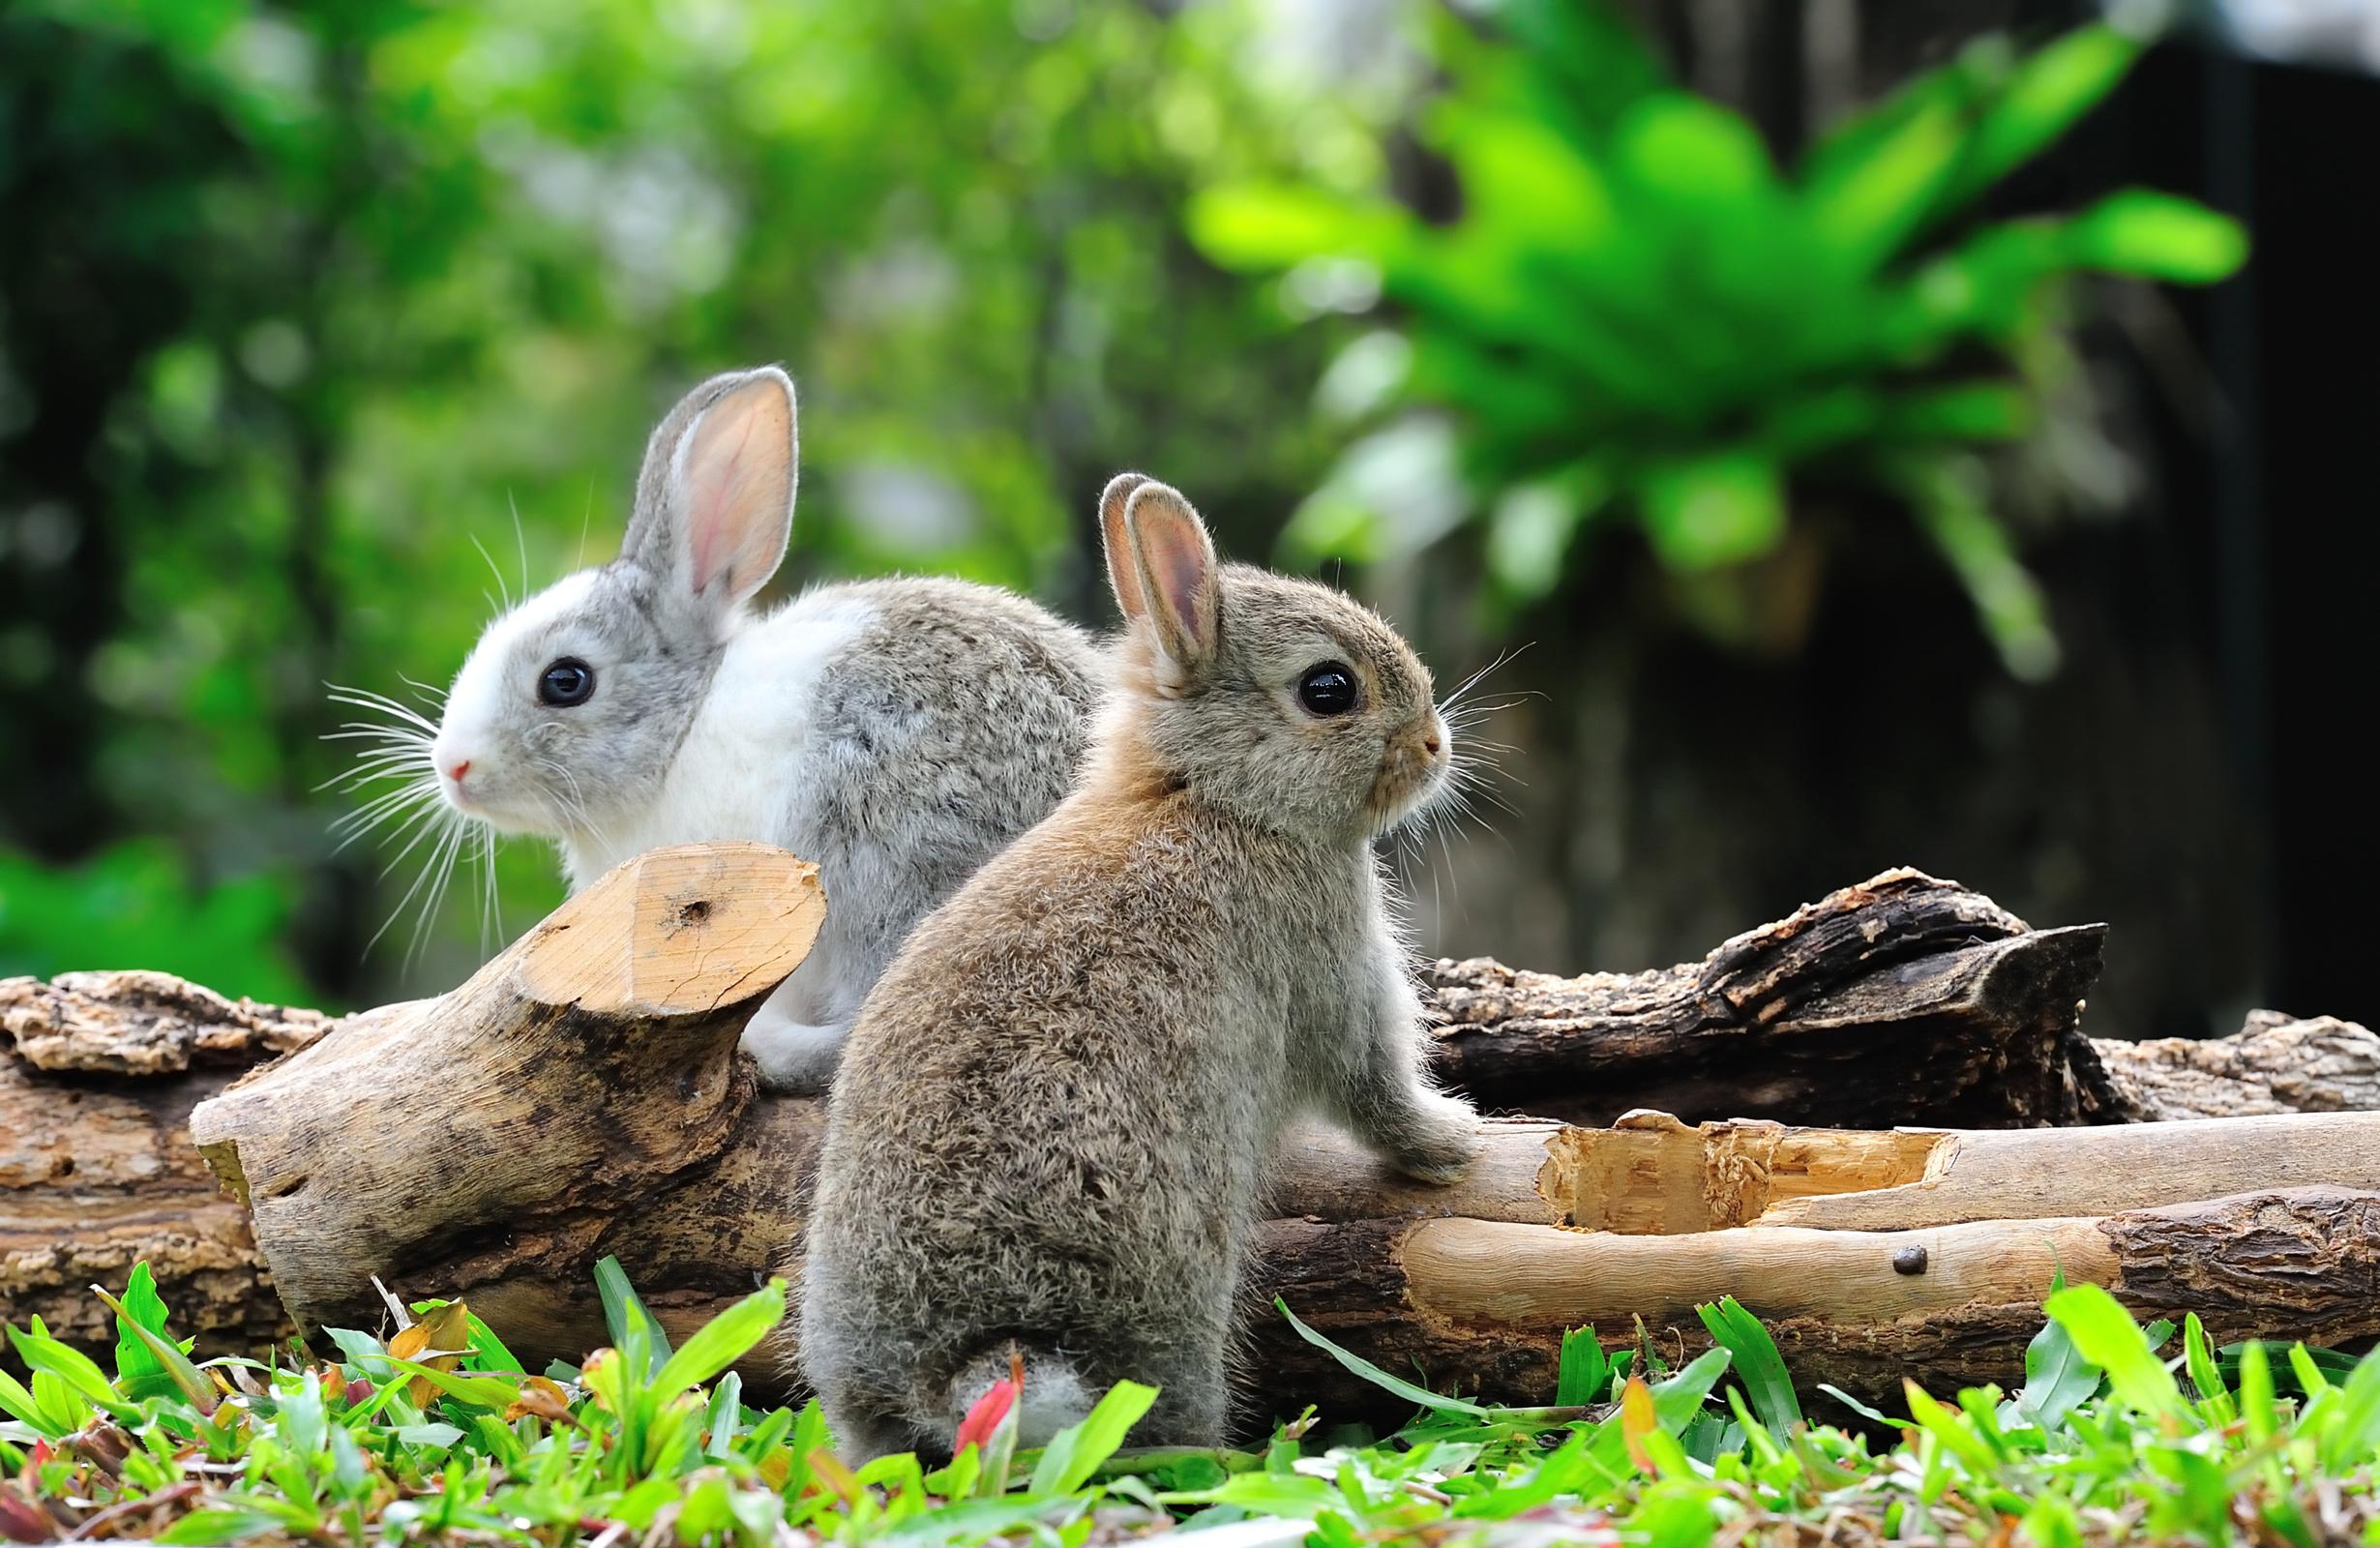 Картинка кролик боке 2 бревно Животные Кролики Размытый фон два две Двое вдвоем Бревна животное